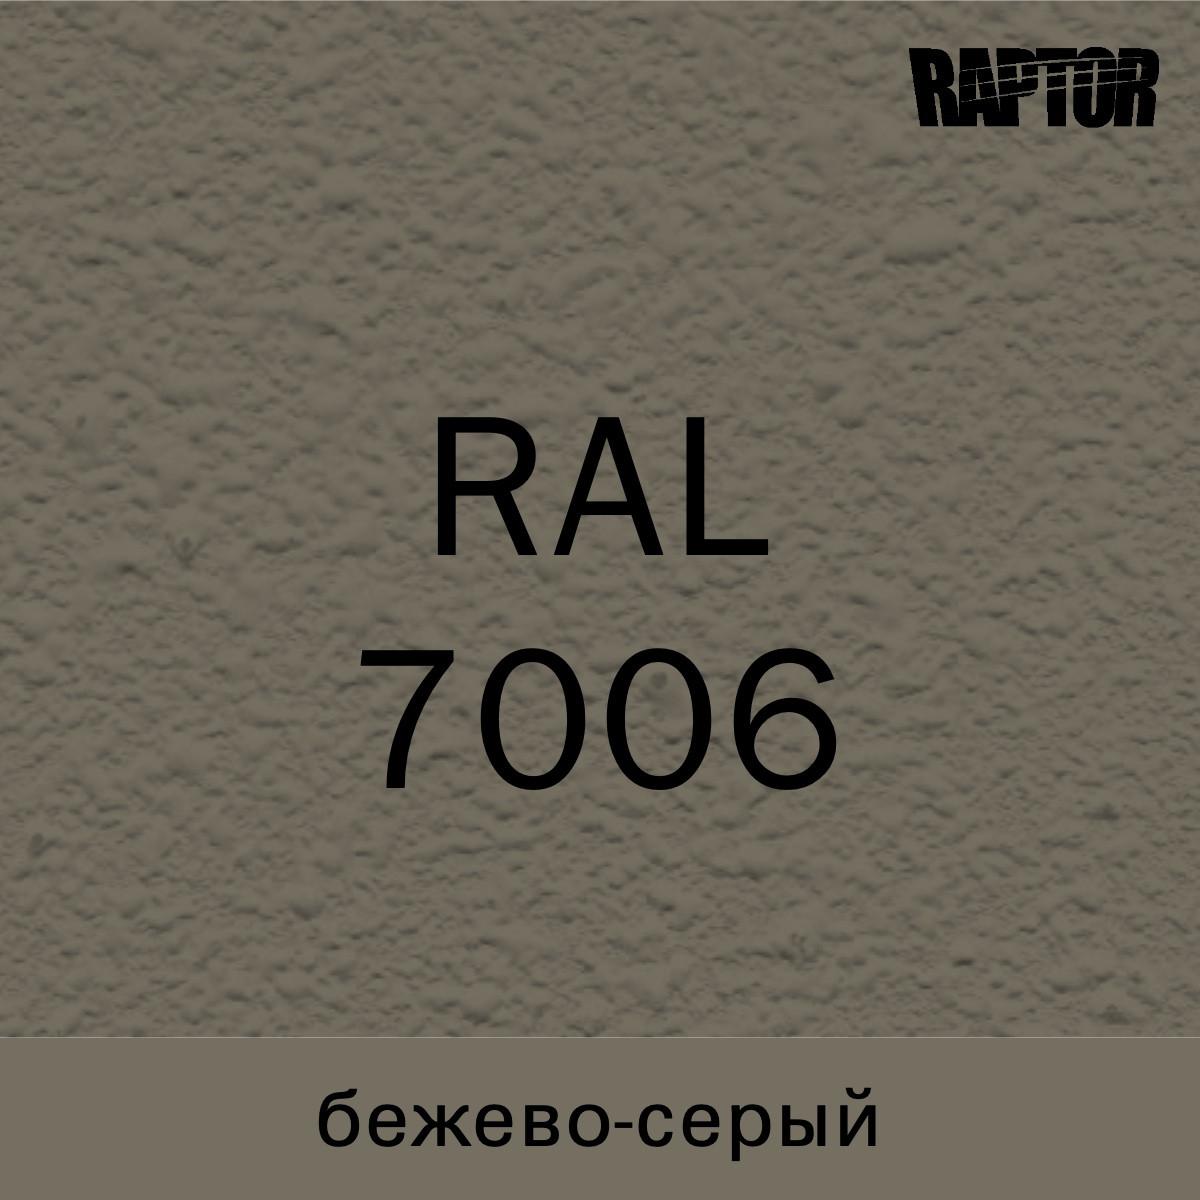 Пигмент для колеровки покрытия RAPTOR™ Бежево-серый (RAL 7006)